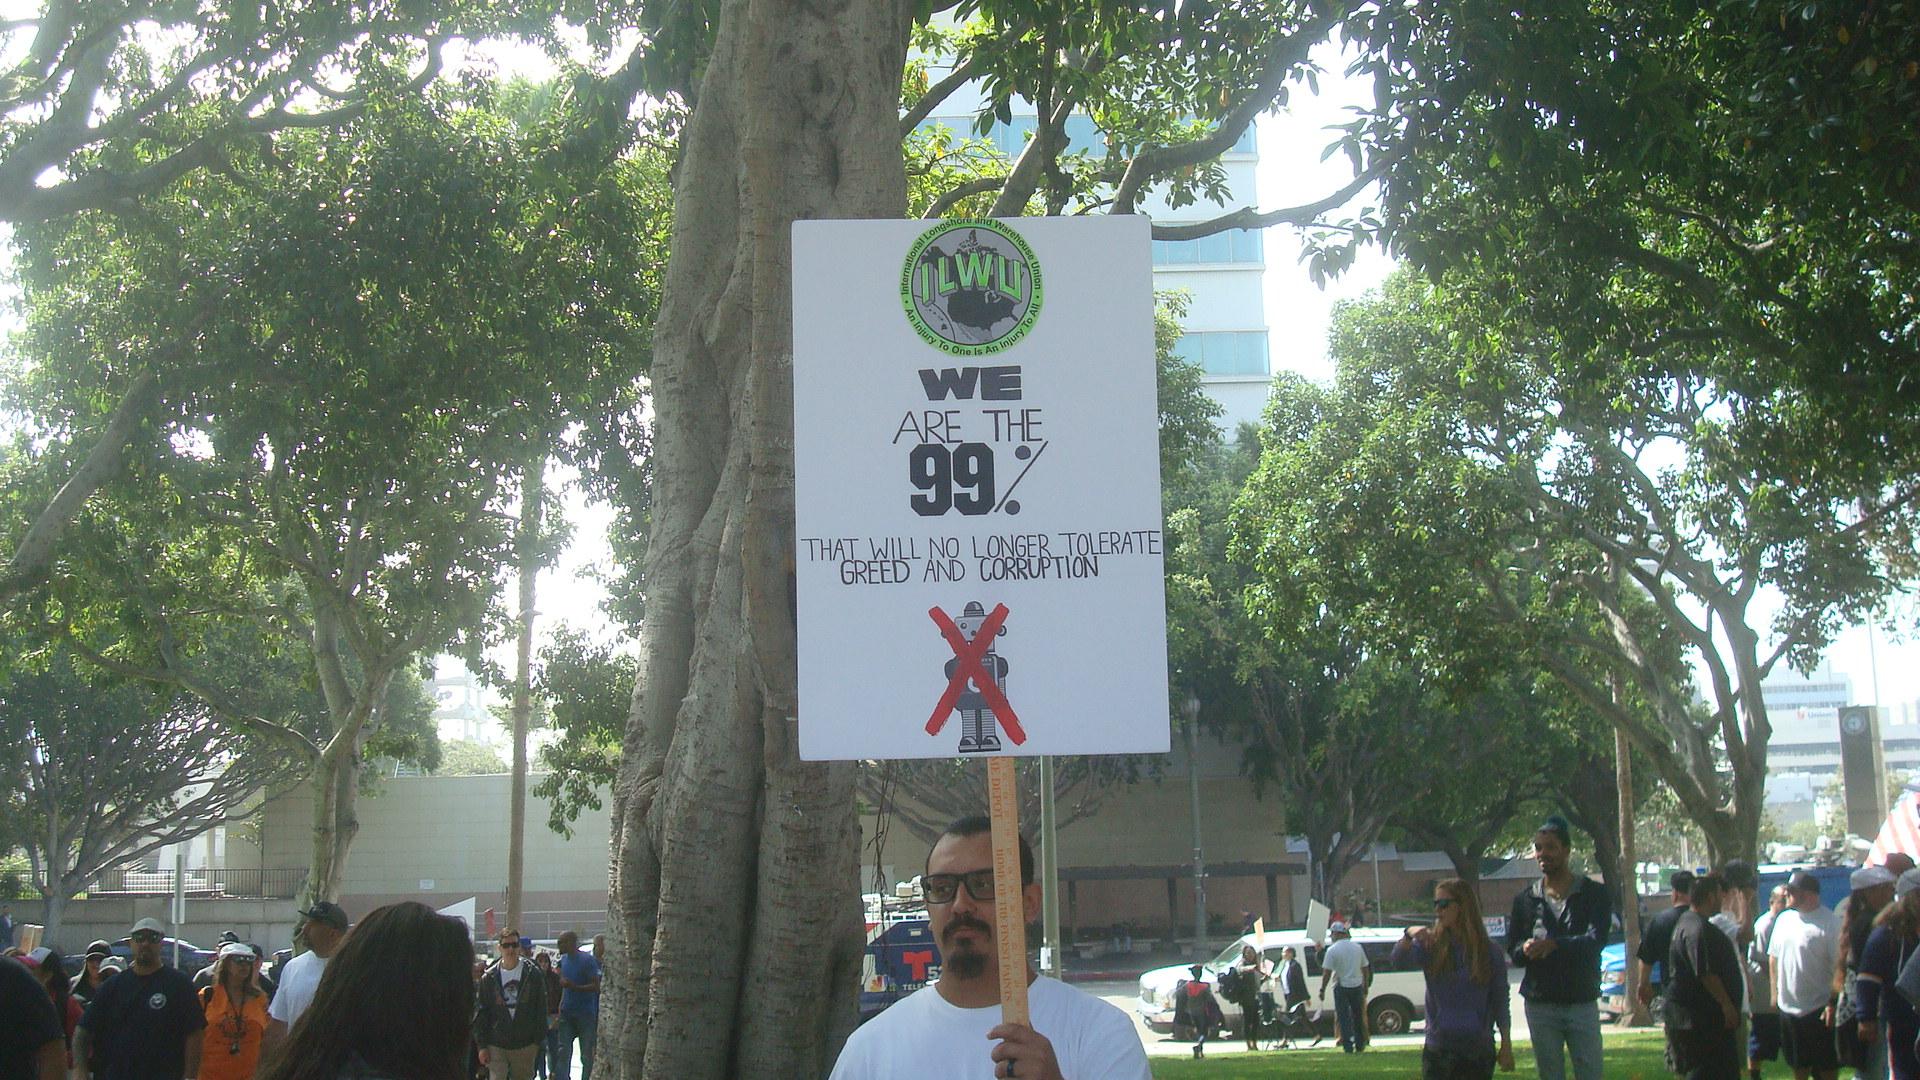 ILWU We Are 99